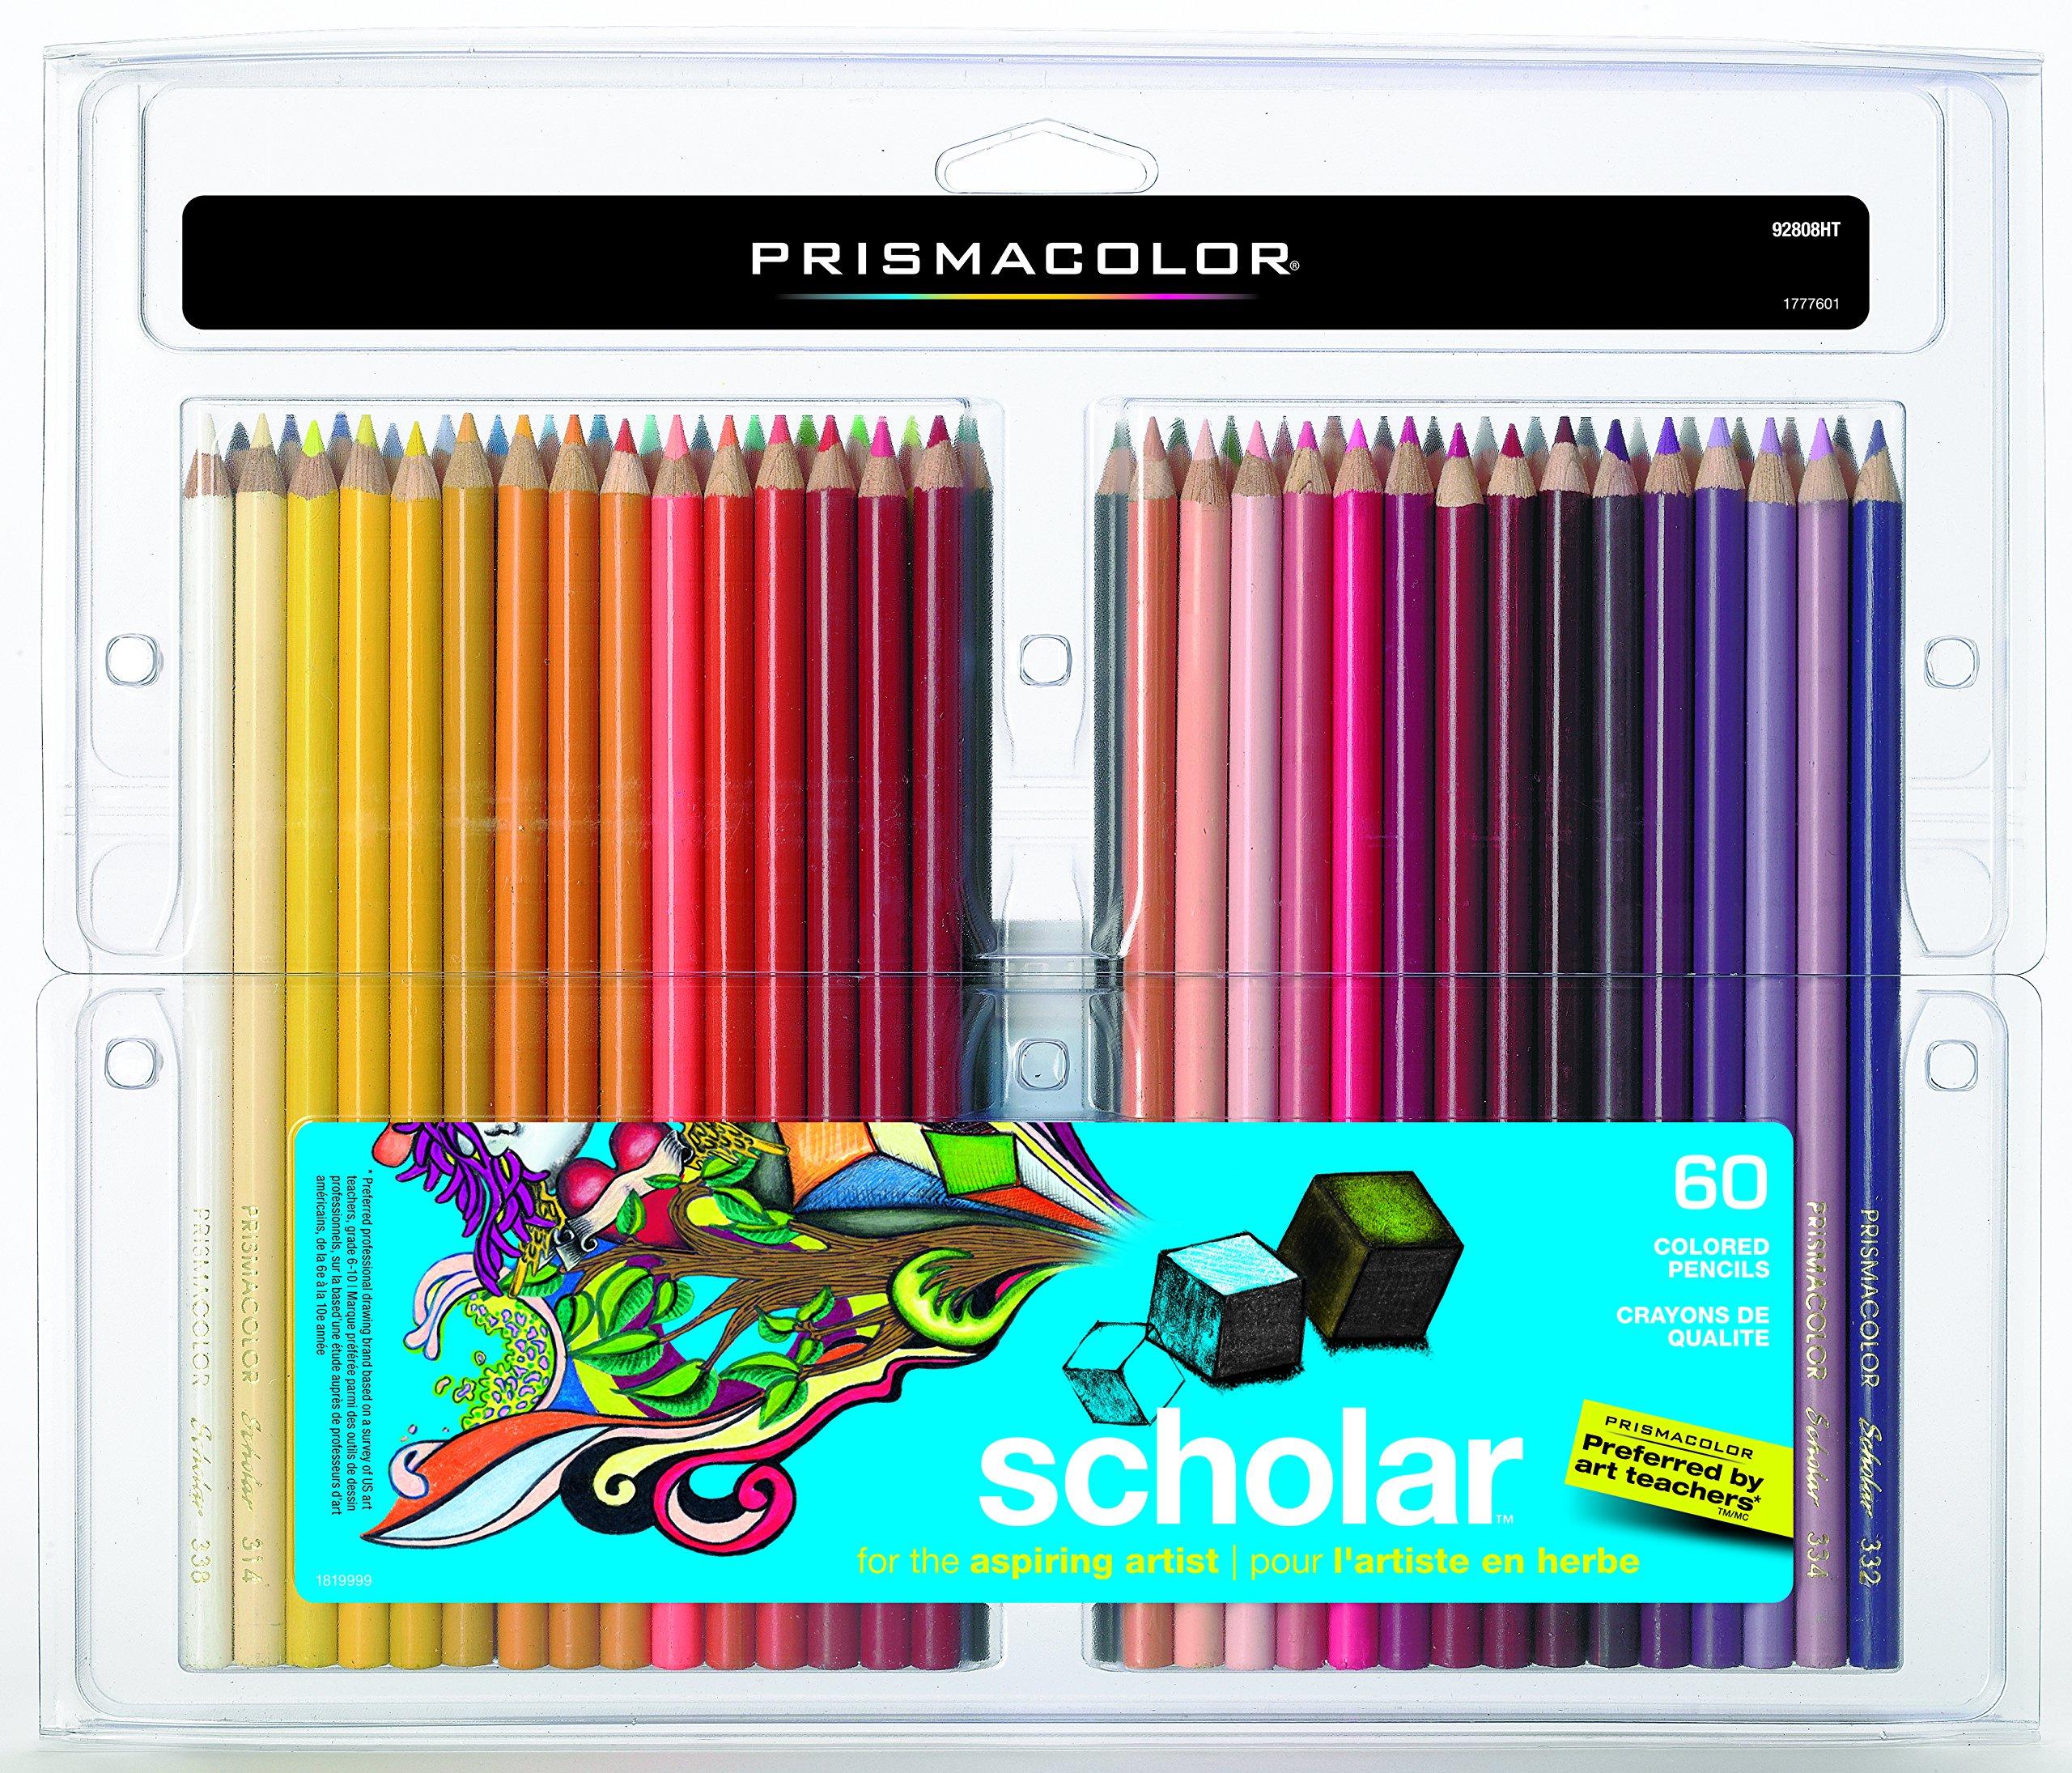 Prismacolor 92808HT  Scholar Colored Pencils, 60-Count by Prismacolor